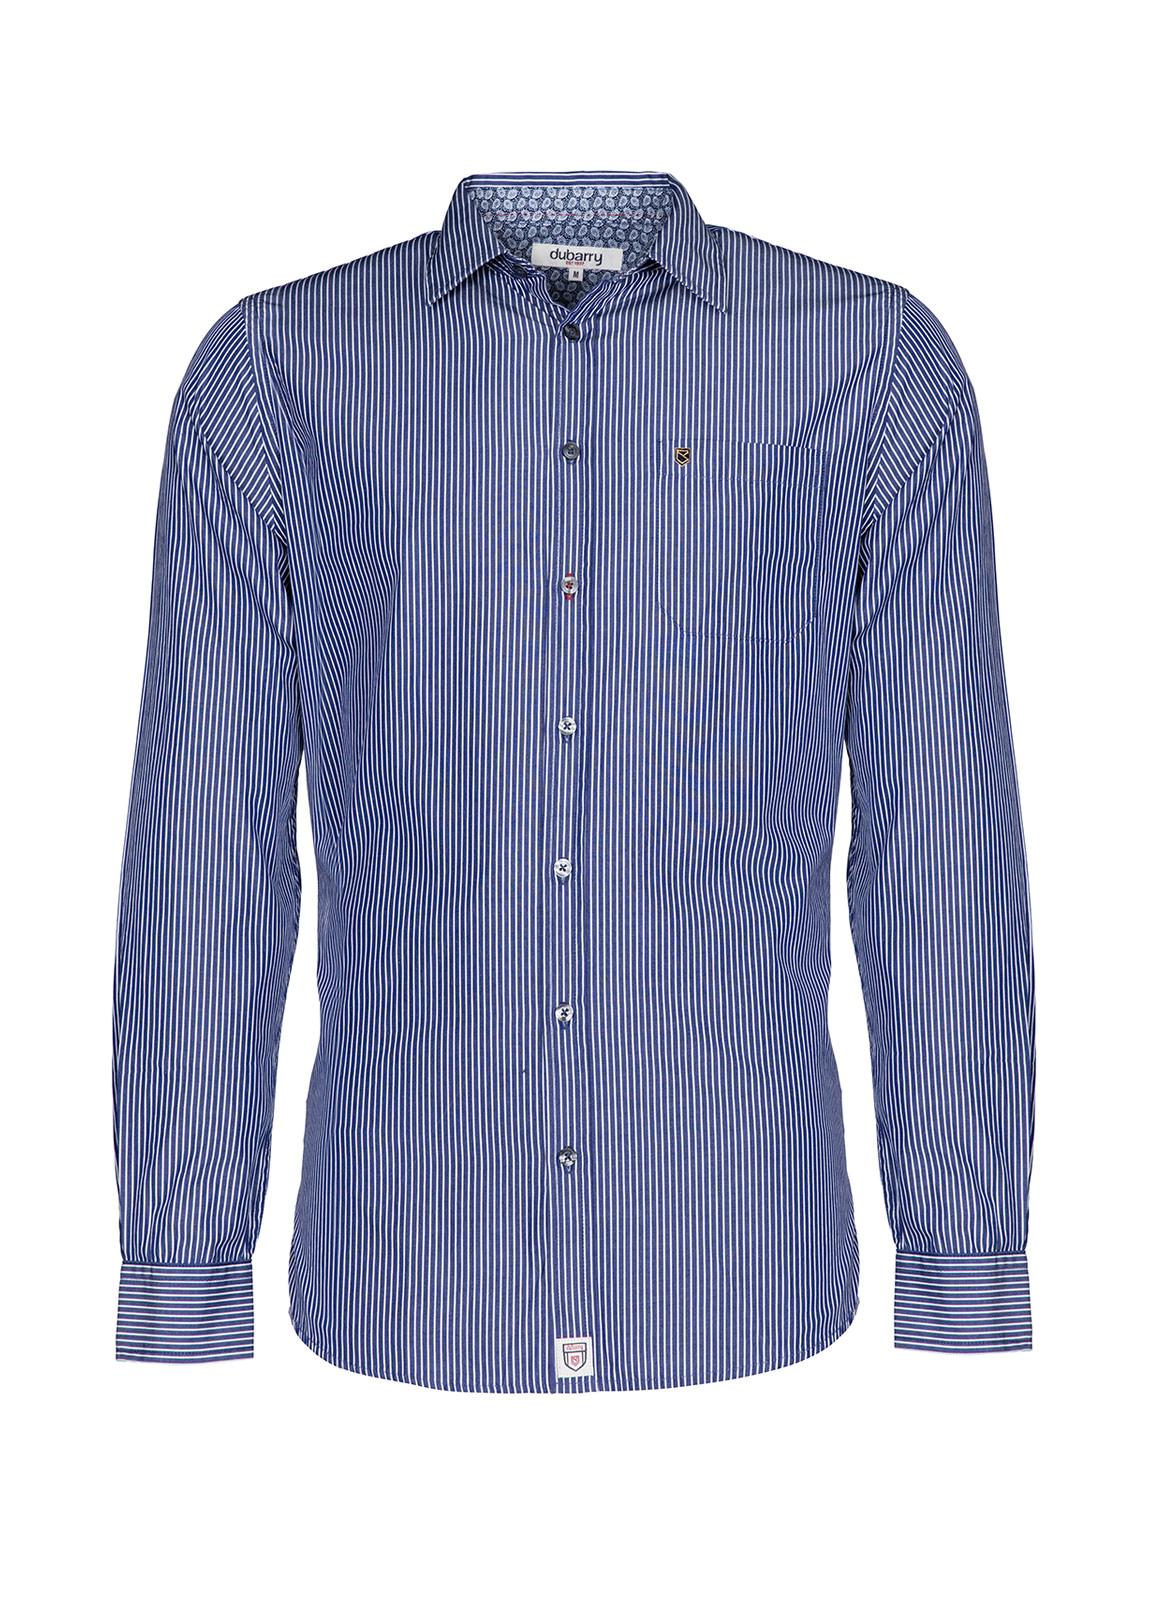 Castlegar Shirt - Navy